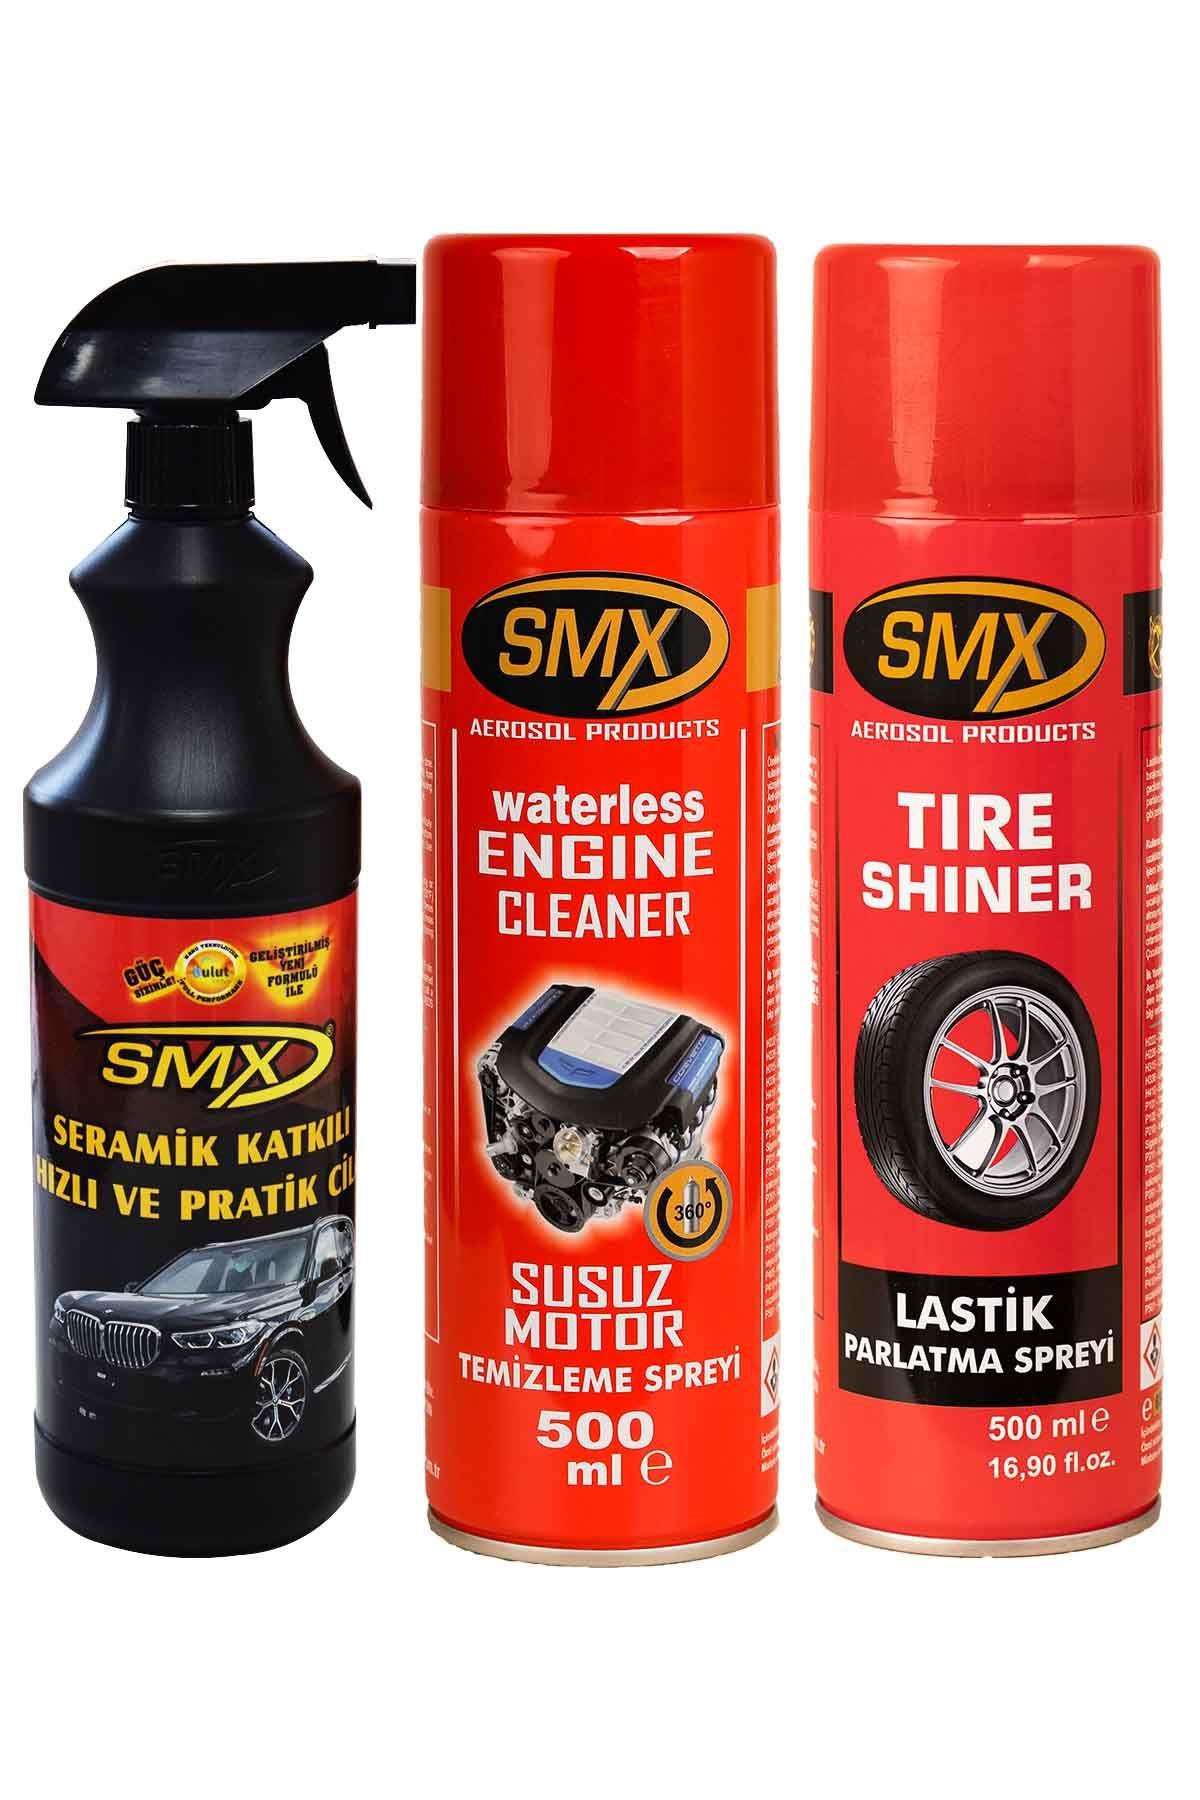 SMX Seramik Cila / Hızlı Cila / Pratik Cila / Susuz Motor Temizleme Spreyi / Lastik Parlatma Spreyi